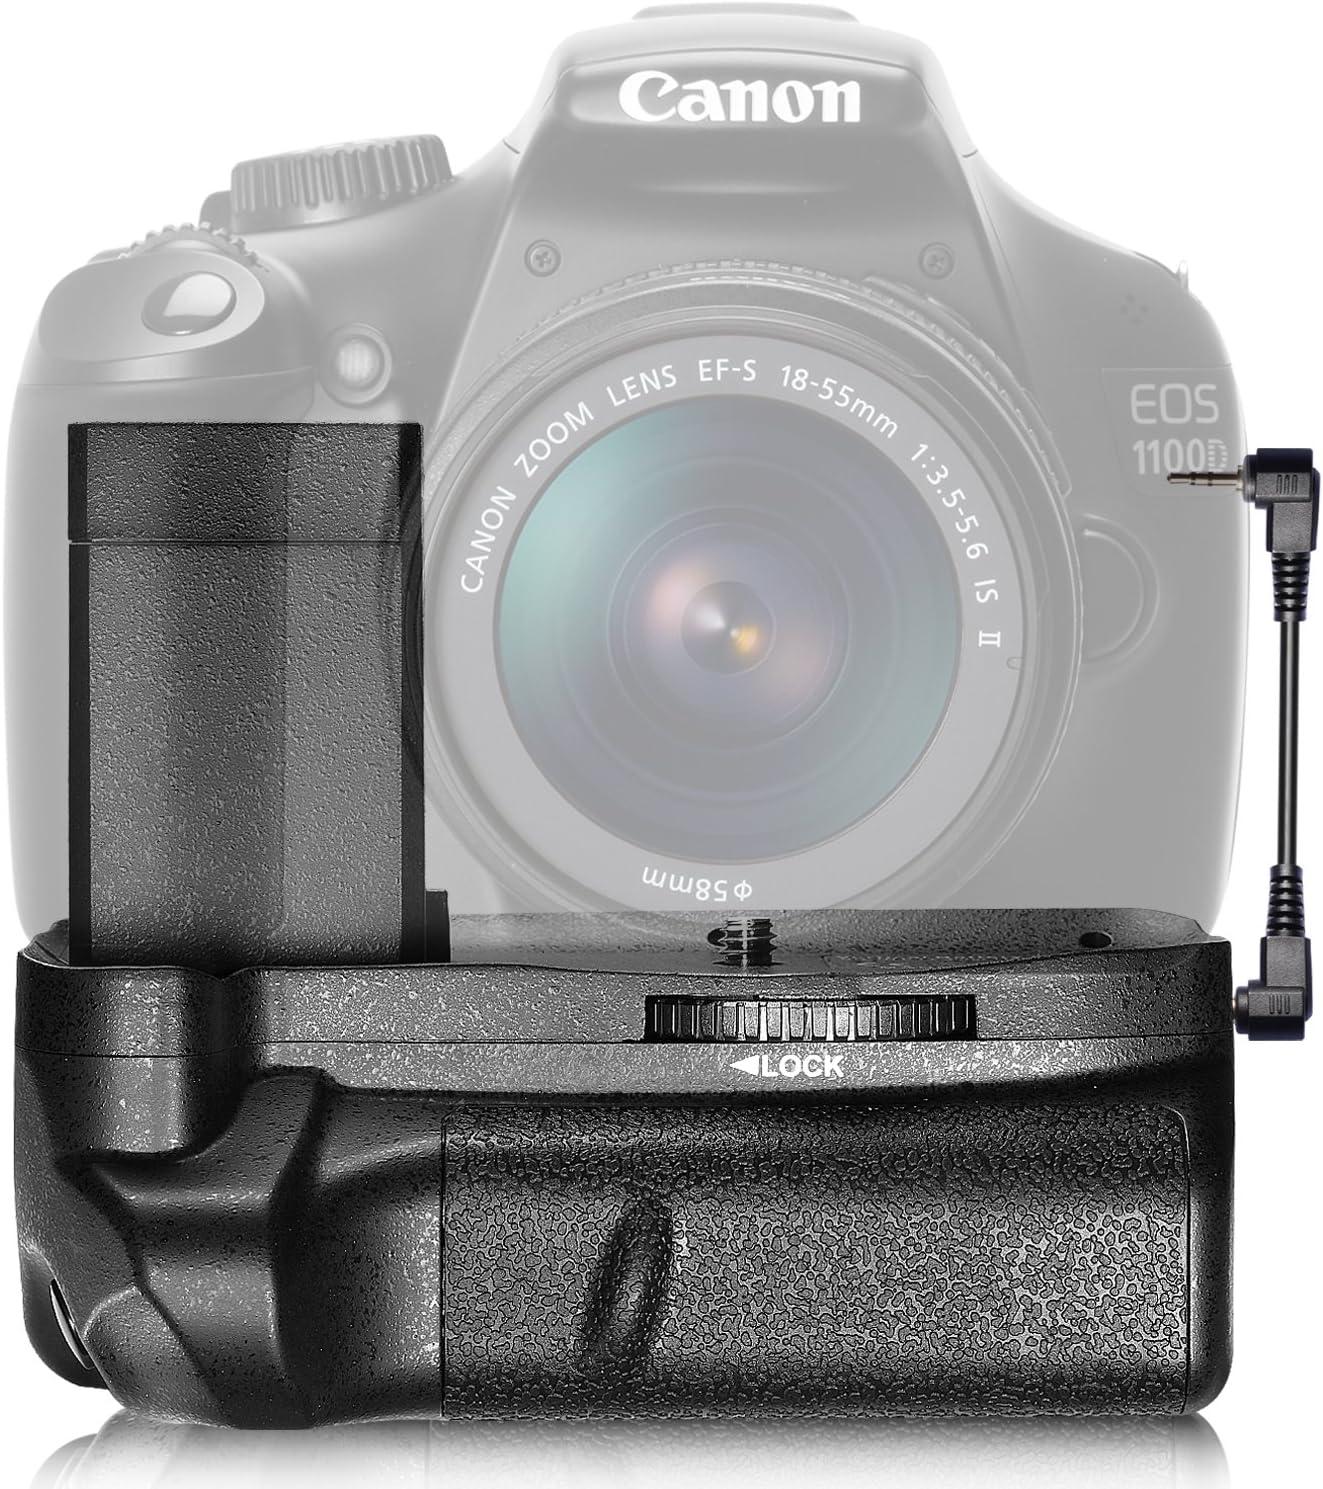 Neewer Grip de batería para Canon EOS Rebel T3 / EOS 1100D: Amazon ...